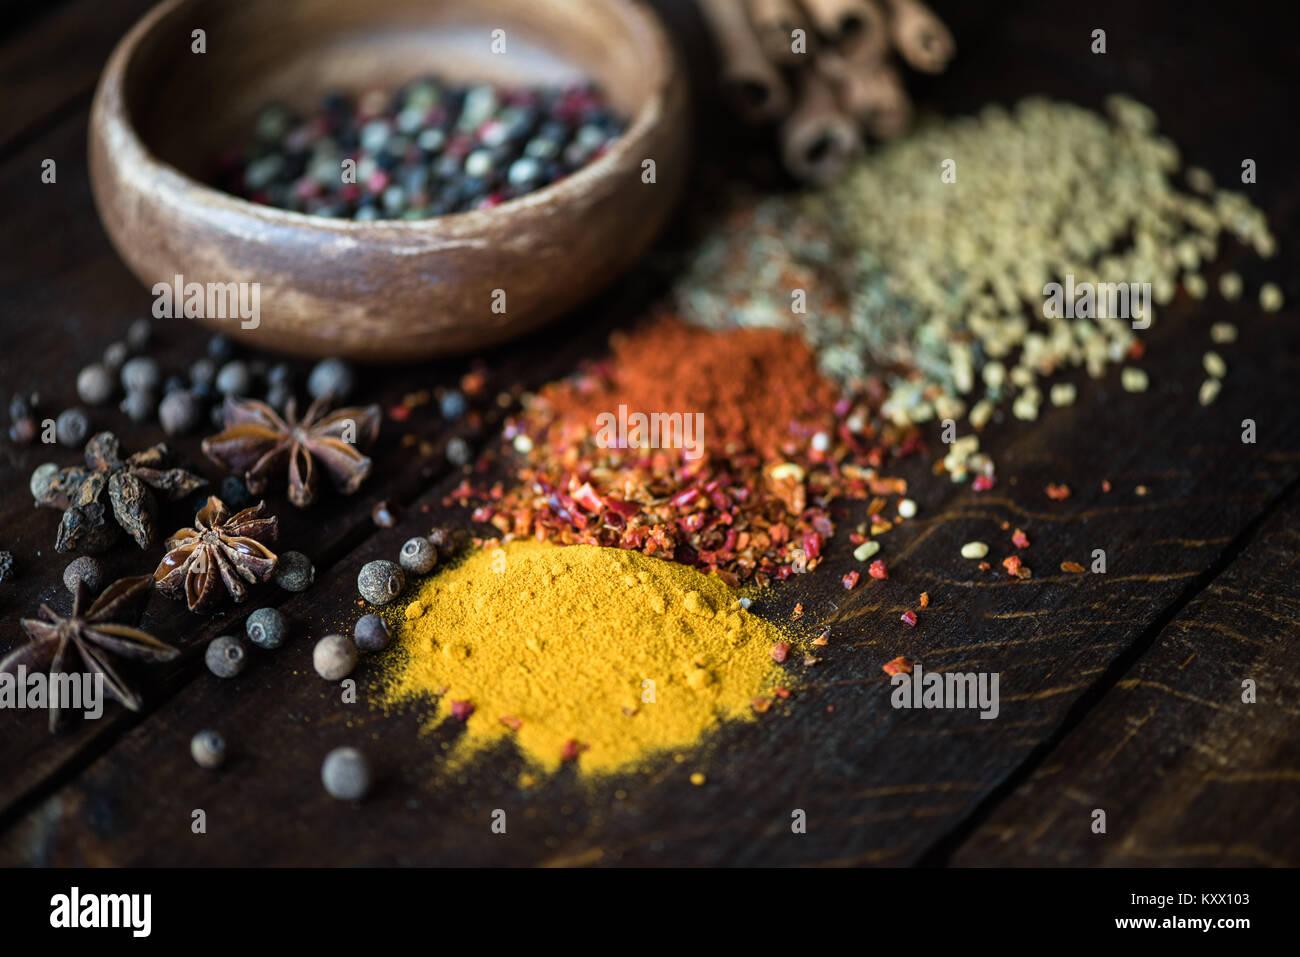 Los diferentes tipos de pimienta en un tazón con hierbas y especias esparcidas sobre el tablero de madera Foto de stock